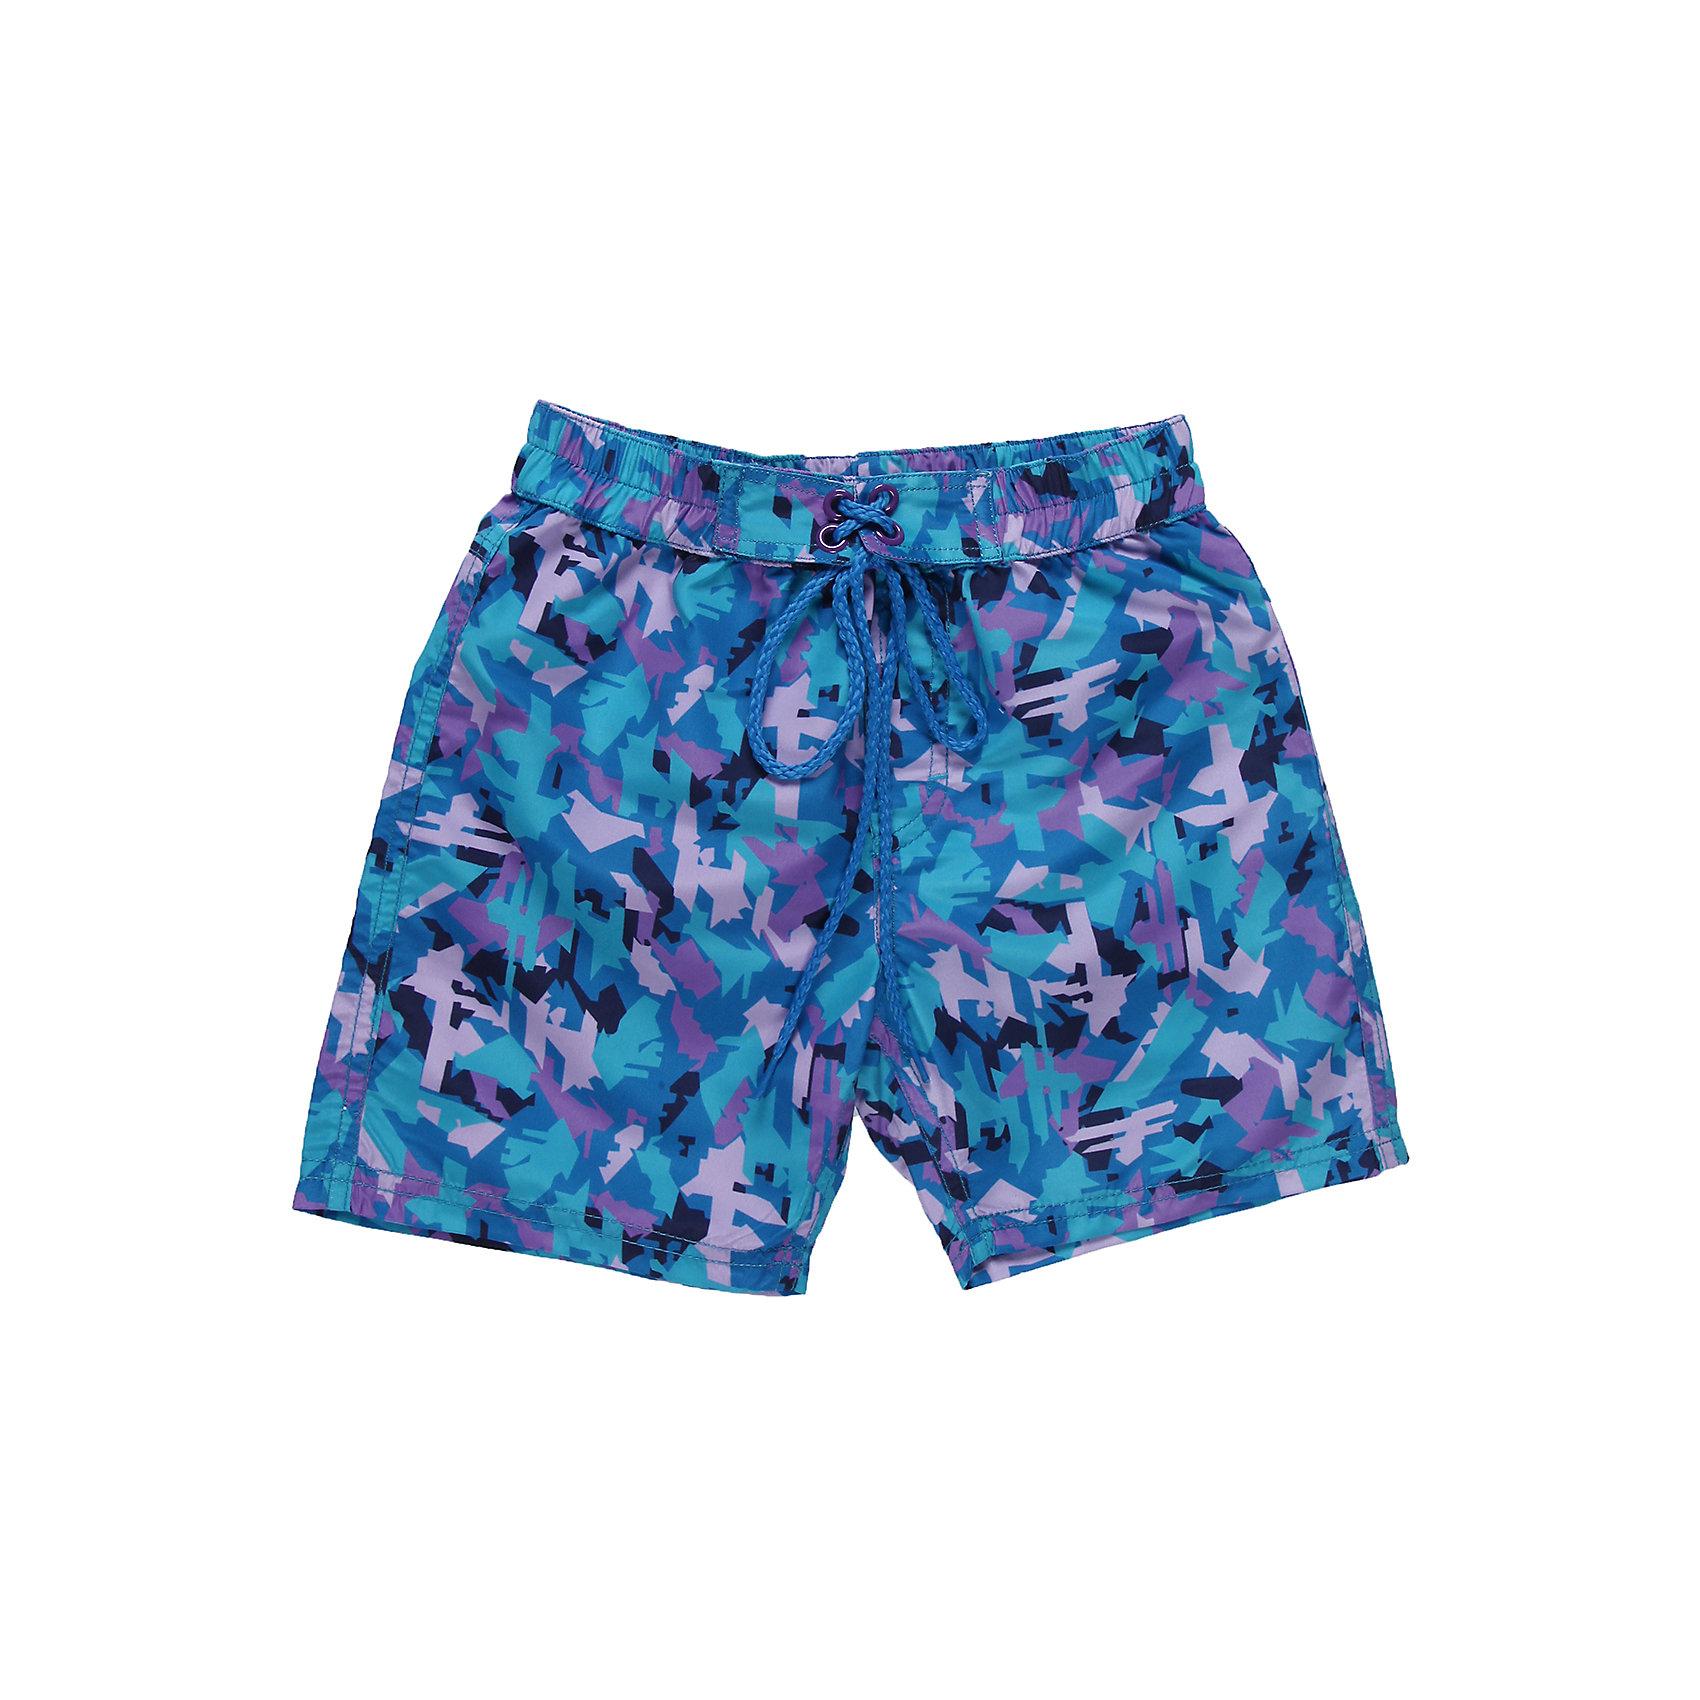 Шорты купальные для мальчика Sweet BerryКупальники и плавки<br>Пляжные шорты из принтованной ткани. Эластичный пояс на резинке, регулируется шнурком<br>Состав:<br>100% полиэстер<br><br>Ширина мм: 183<br>Глубина мм: 60<br>Высота мм: 135<br>Вес г: 119<br>Цвет: разноцветный<br>Возраст от месяцев: 36<br>Возраст до месяцев: 48<br>Пол: Мужской<br>Возраст: Детский<br>Размер: 104,140,128,122,116,110,98<br>SKU: 4523076